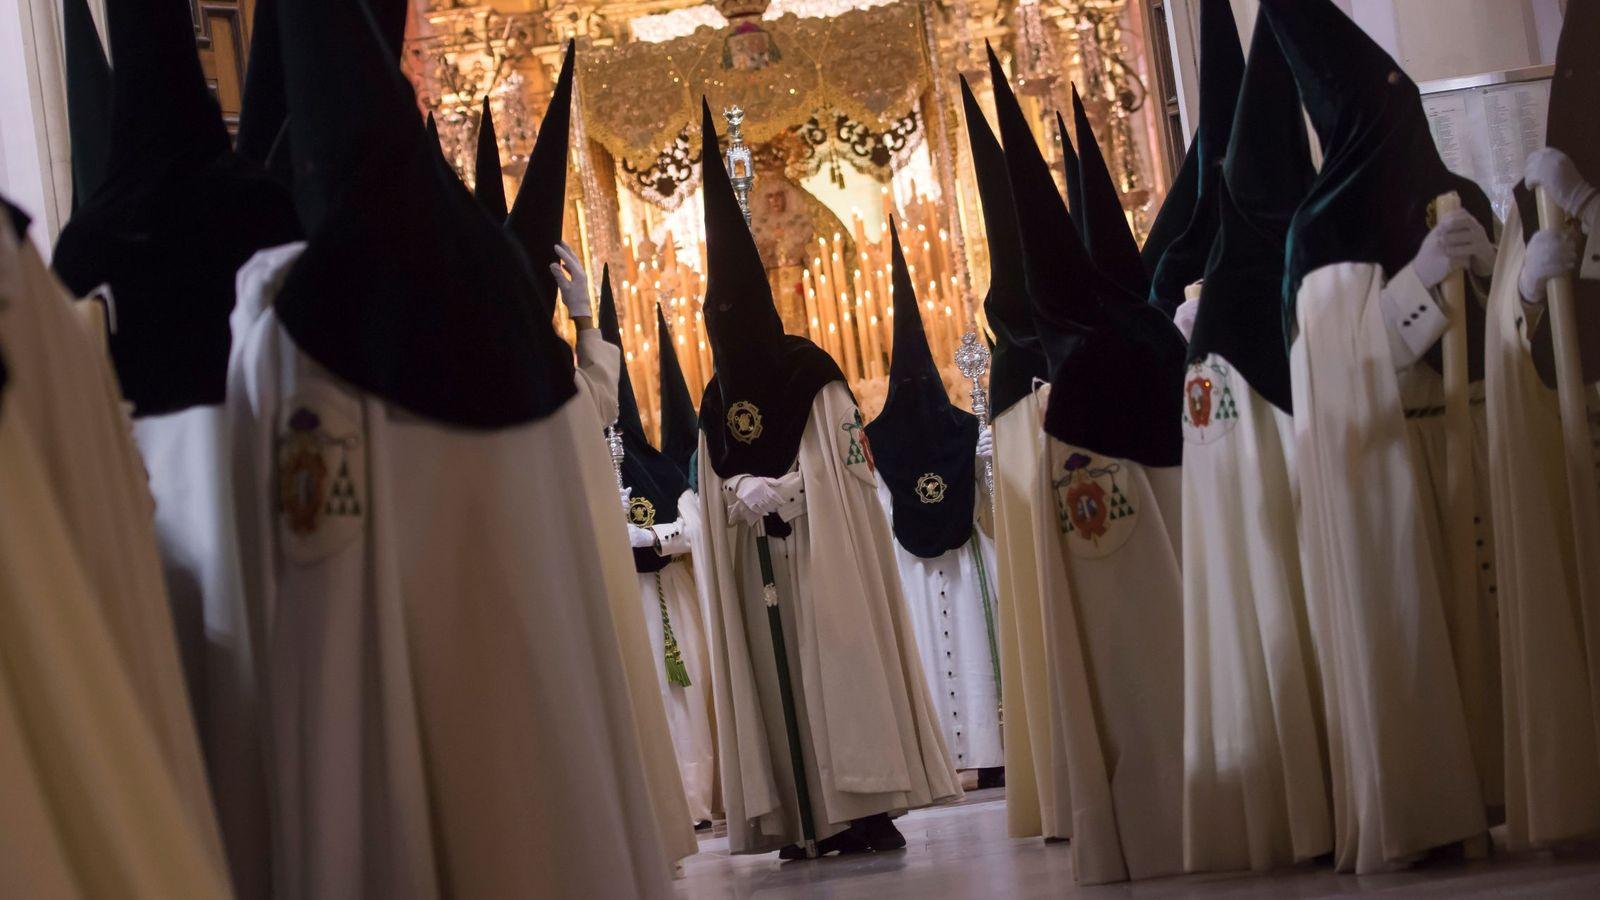 Semana Santa De Sevilla 2019 Dónde Ver En Directo La Madrugá Y Las Demás Procesiones